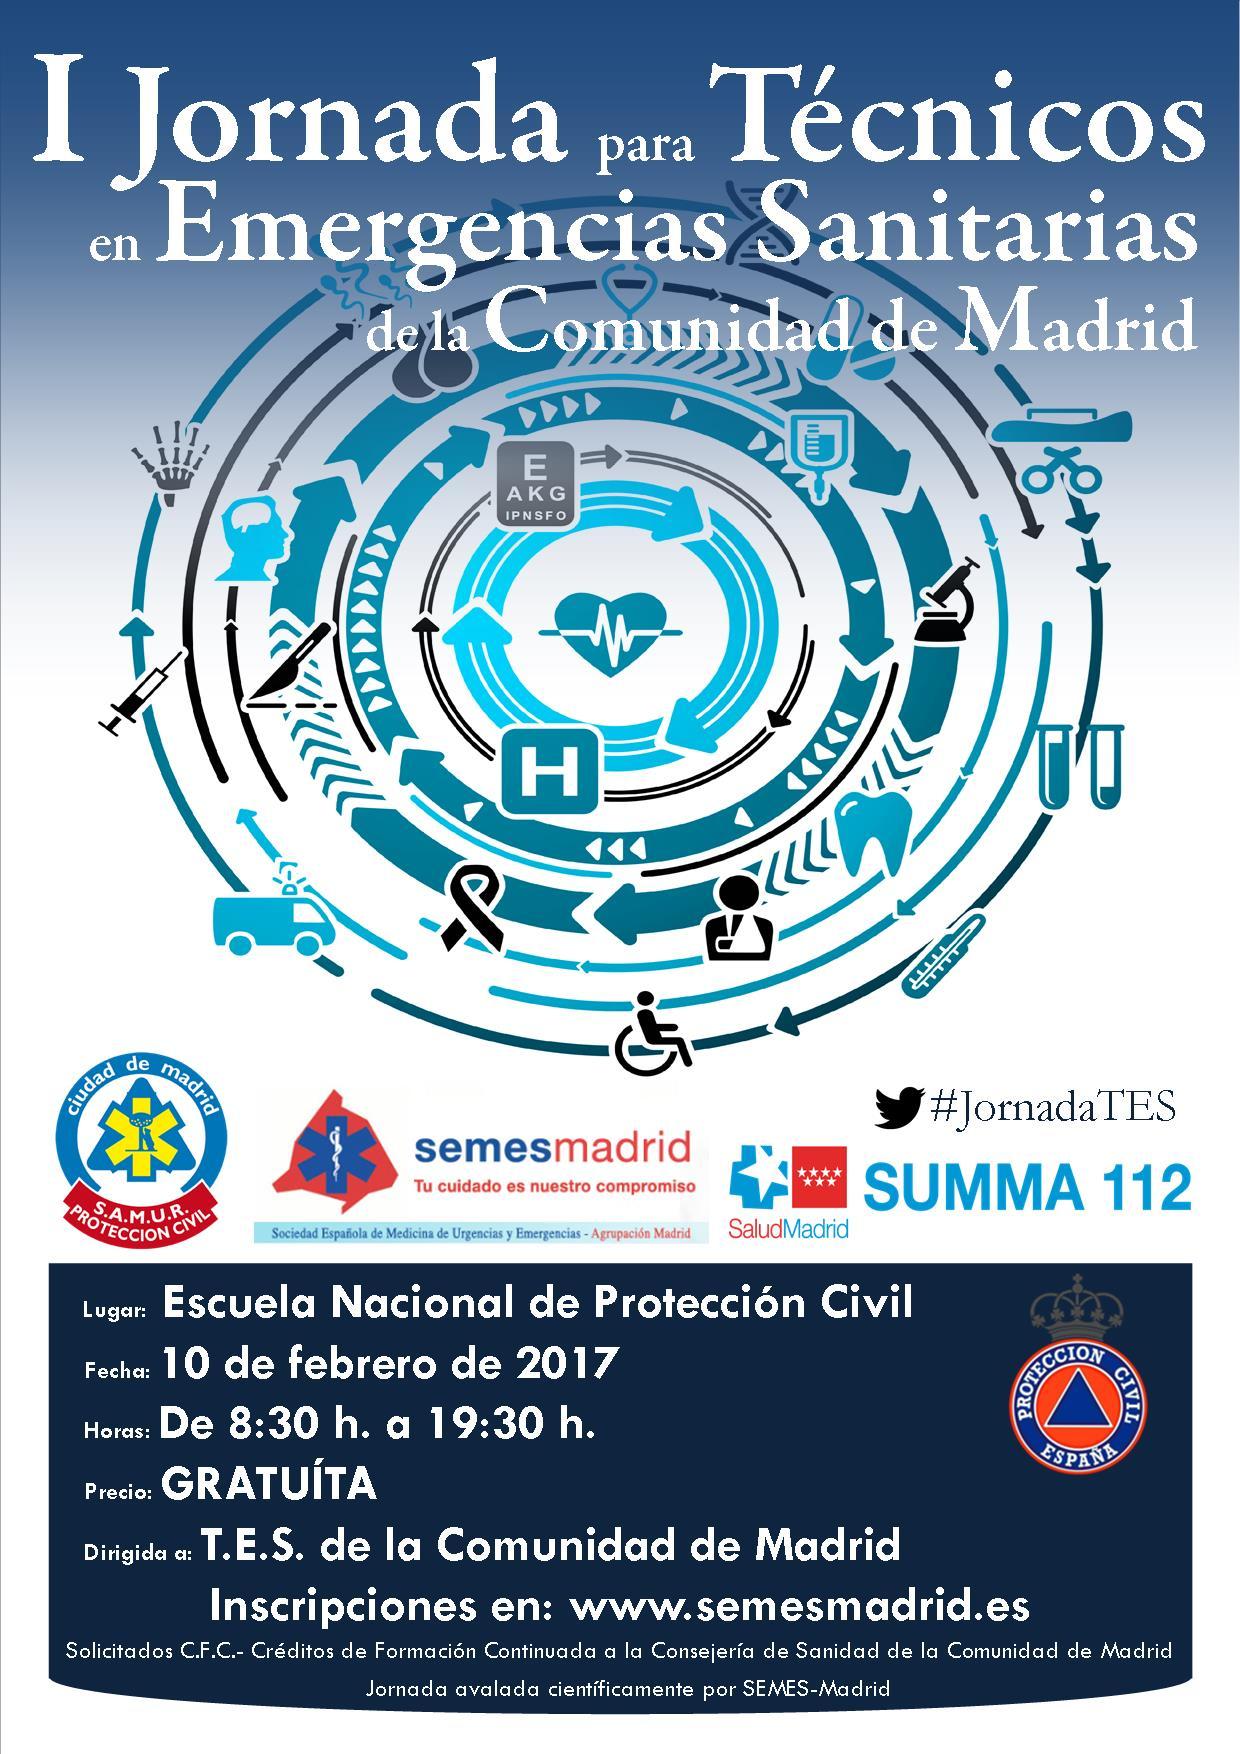 I jornada para técnicos en emergencias sanitarias de la comunidad de madrid.